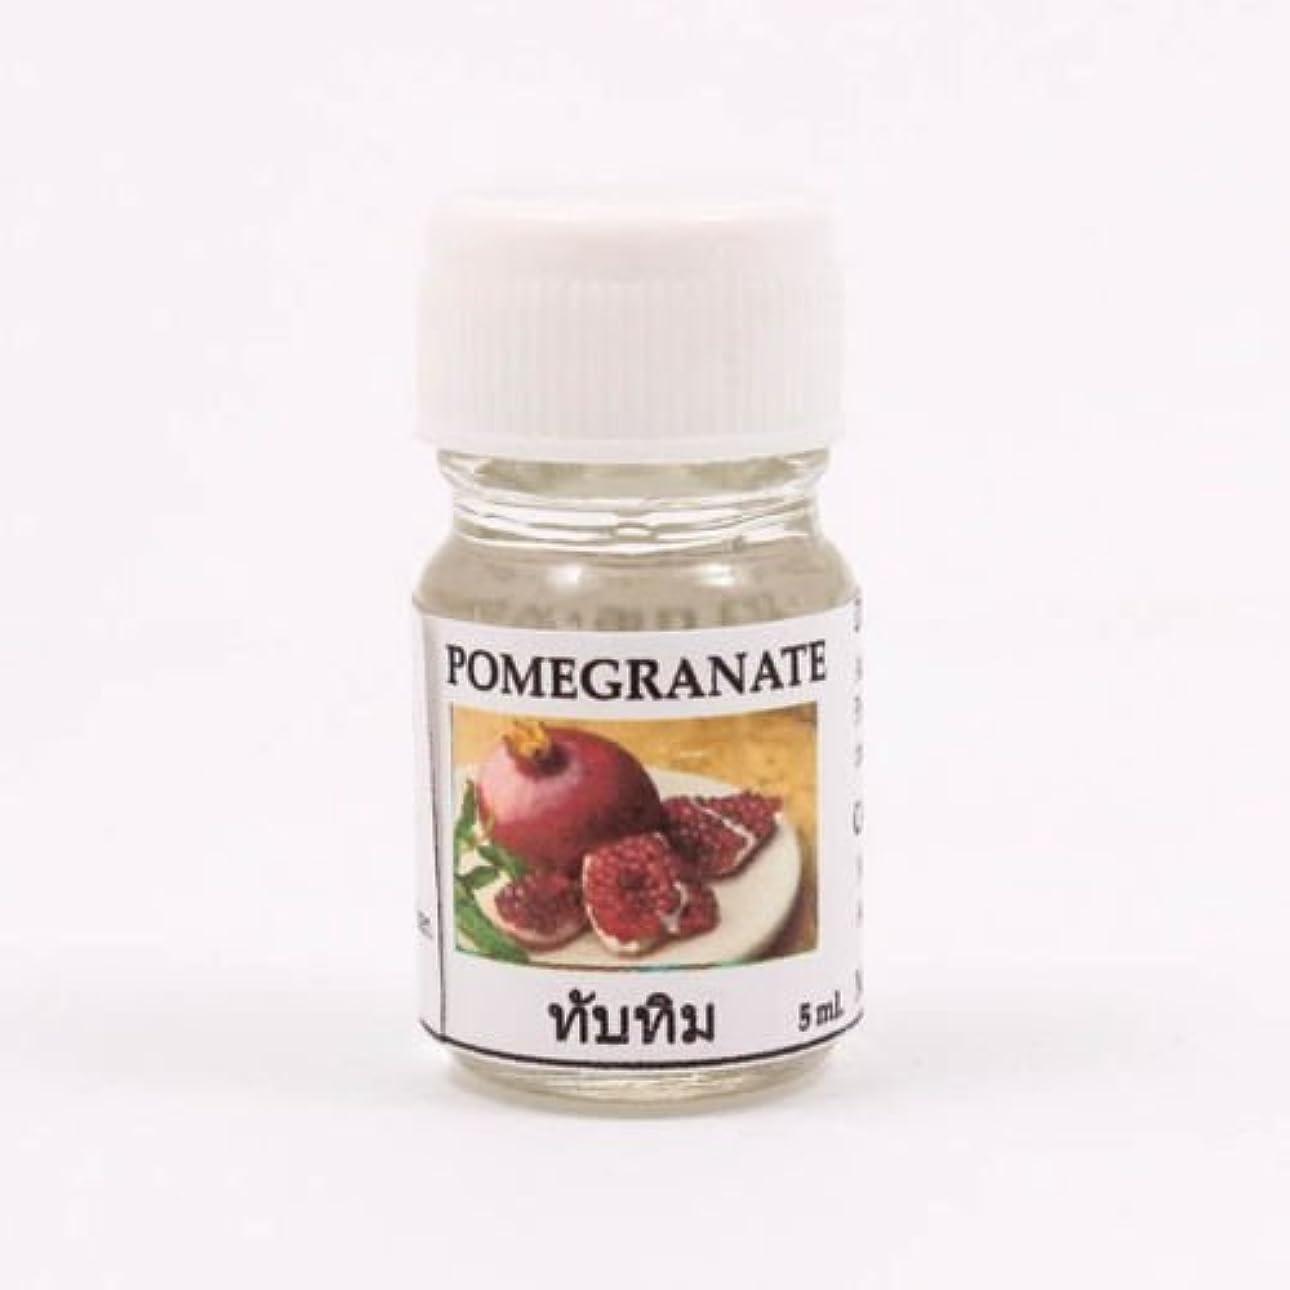 信頼性床を掃除する廃棄する6X Pomegranate Aroma Fragrance Essential Oil 5ML Diffuser Burner Therapy